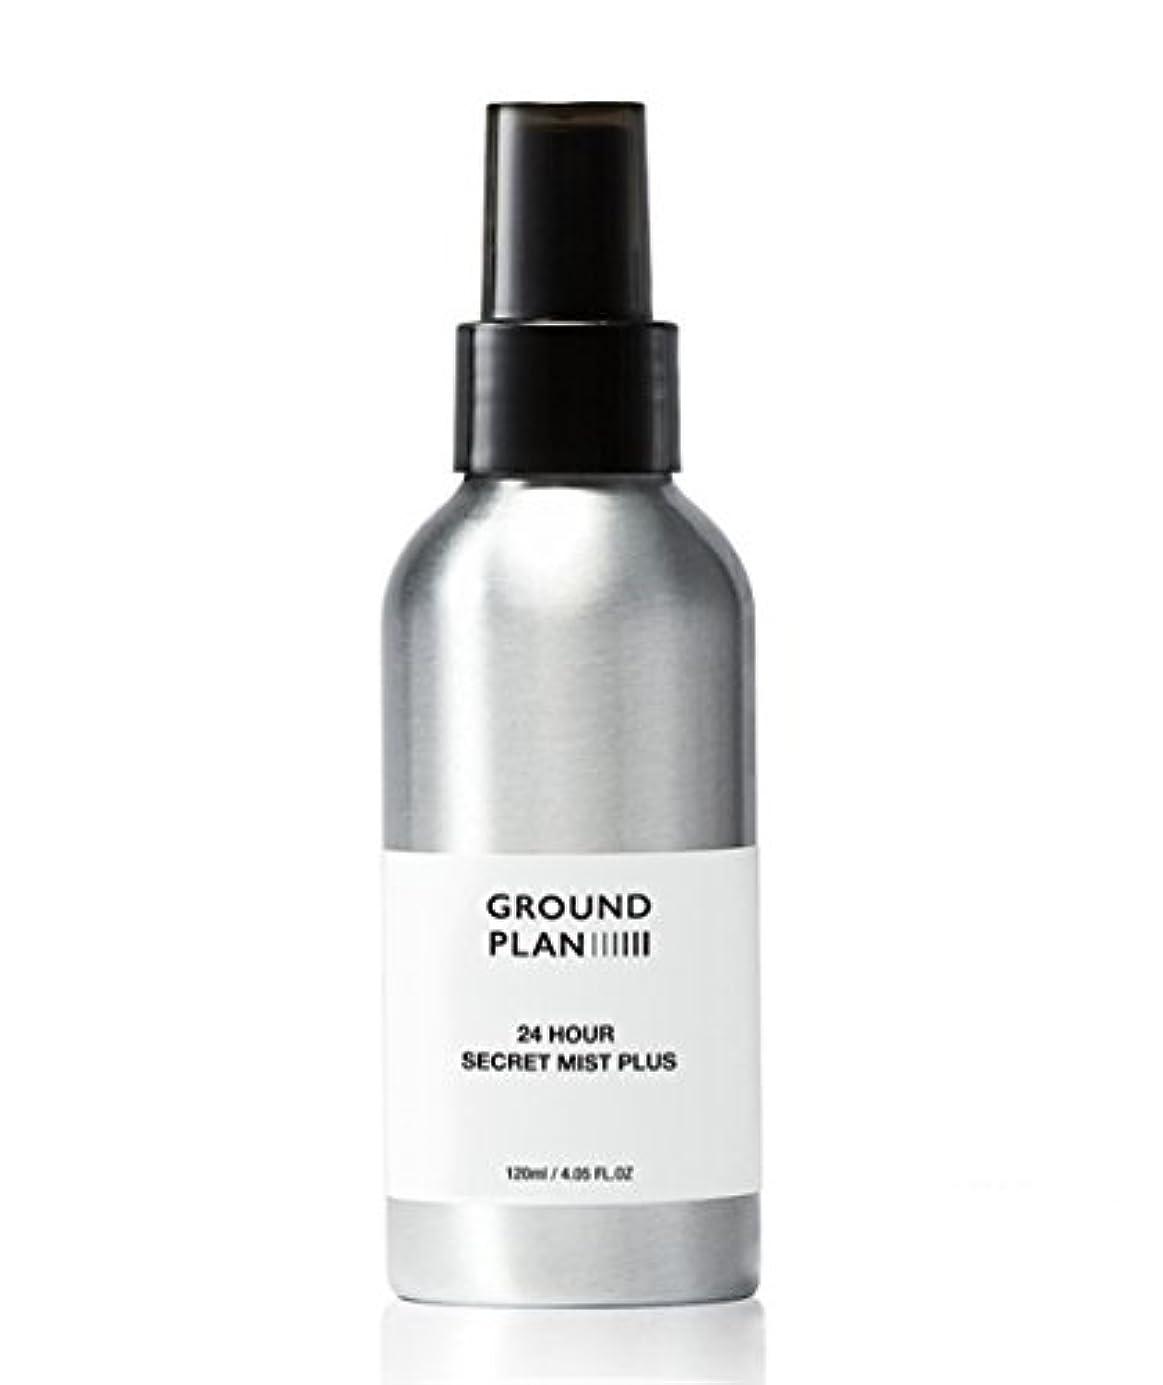 [グラウンド?プラン] 24Hour 秘密 スキンミスト Plus Ground plan 24 Hour Secret Skin Mist Plus [海外直送品] (120ml)